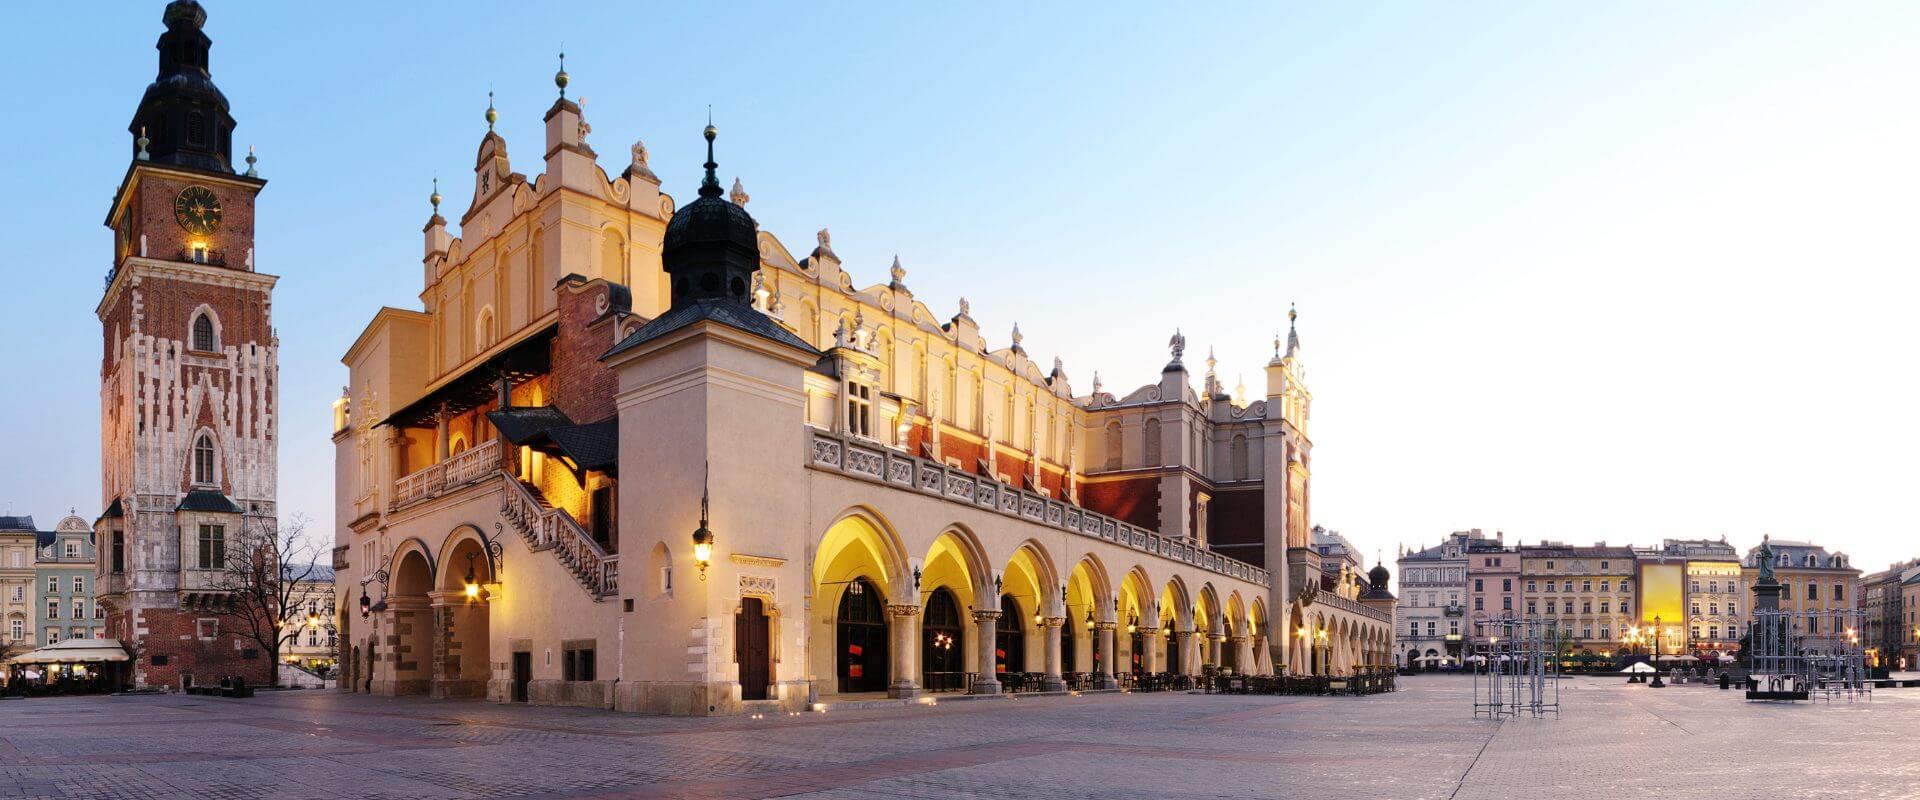 Bild Krakau (Krakow)